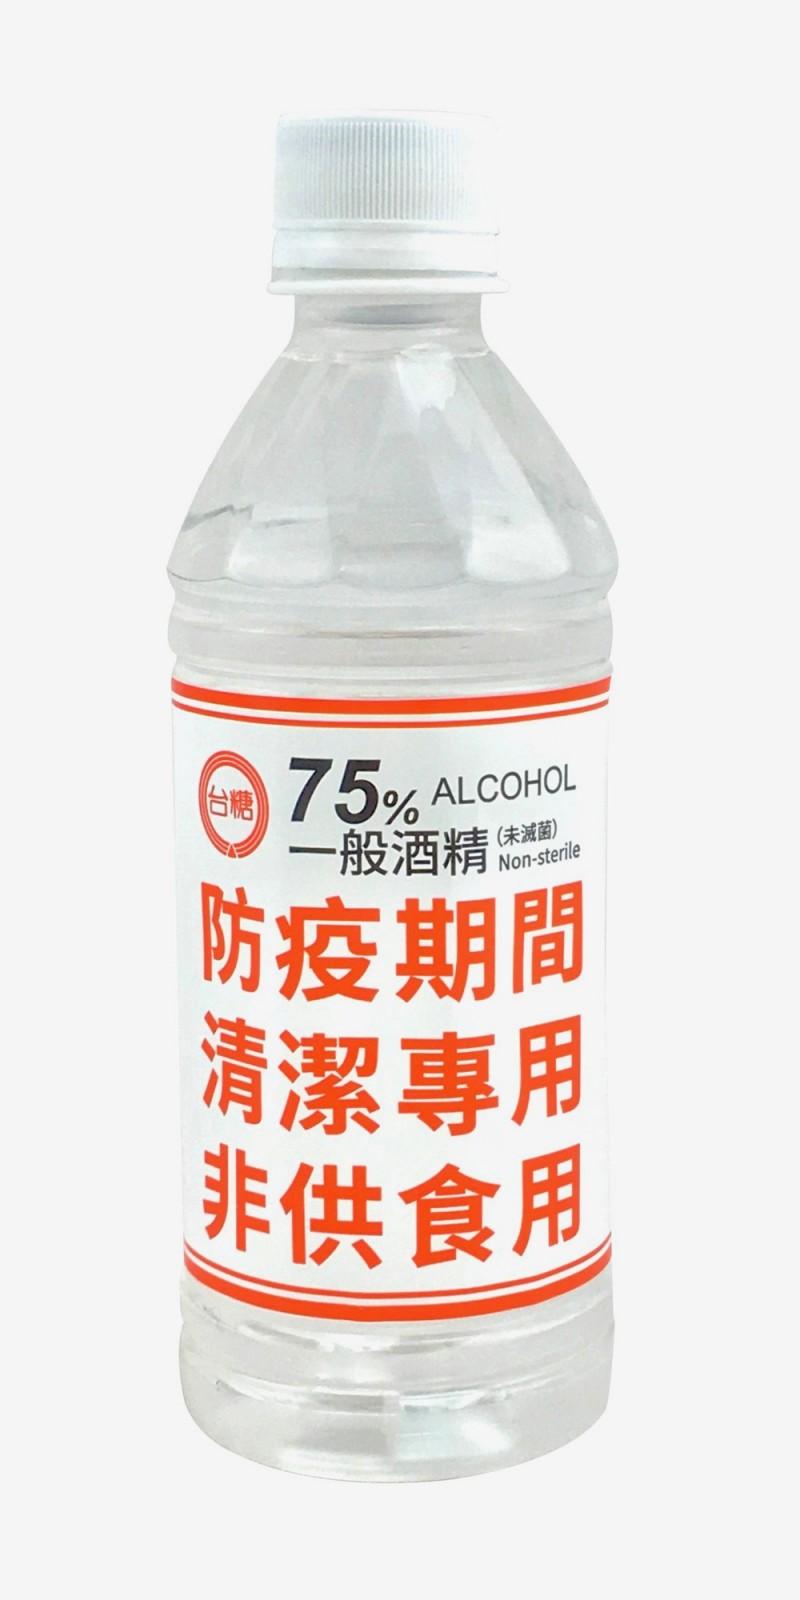 全聯明天開賣75%酒精 每人限購1瓶